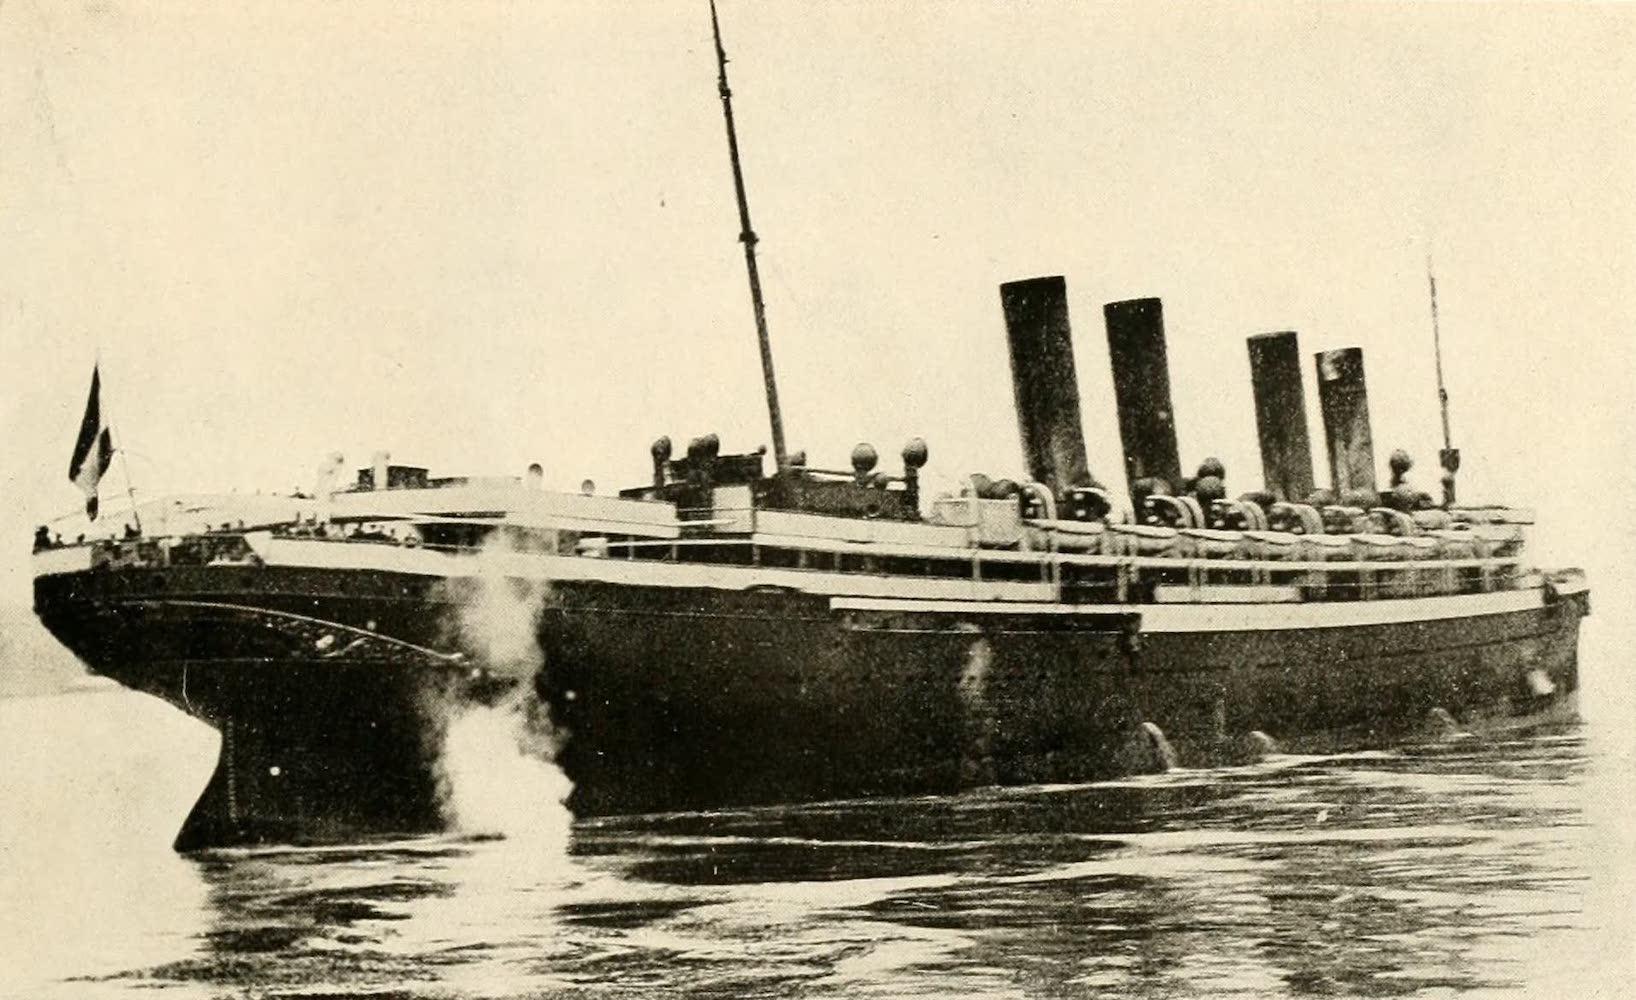 """Laird & Lee's World's War Glimpses - The """"Kaiser Wilhelm Der Grosse"""" (1914)"""